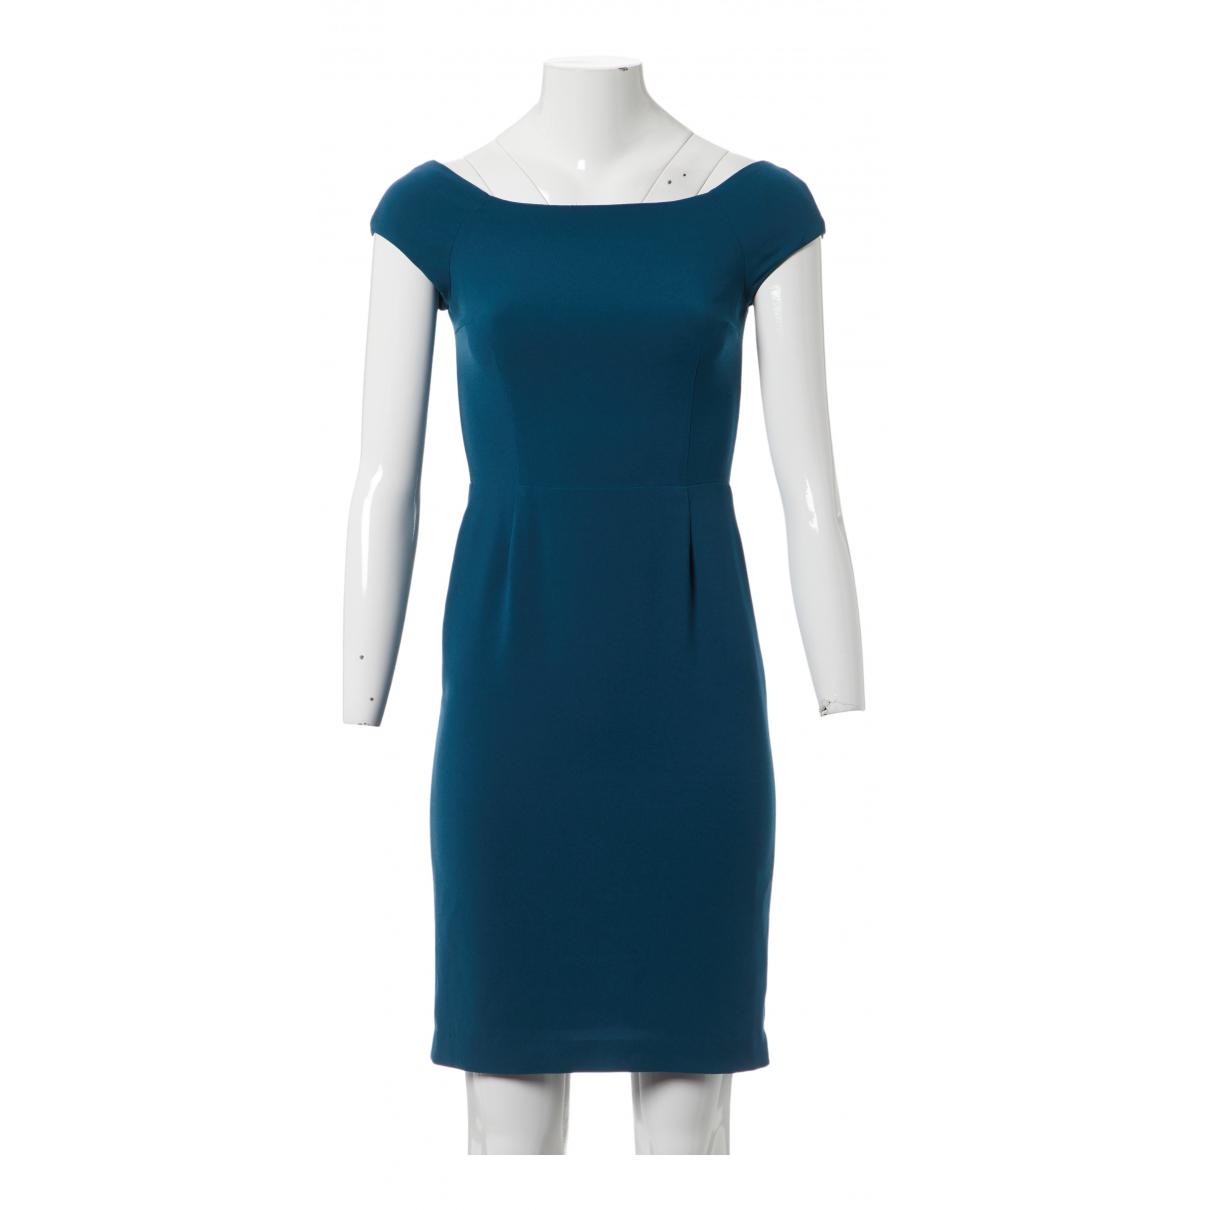 Acne Studios N Blue dress for Women 34 FR